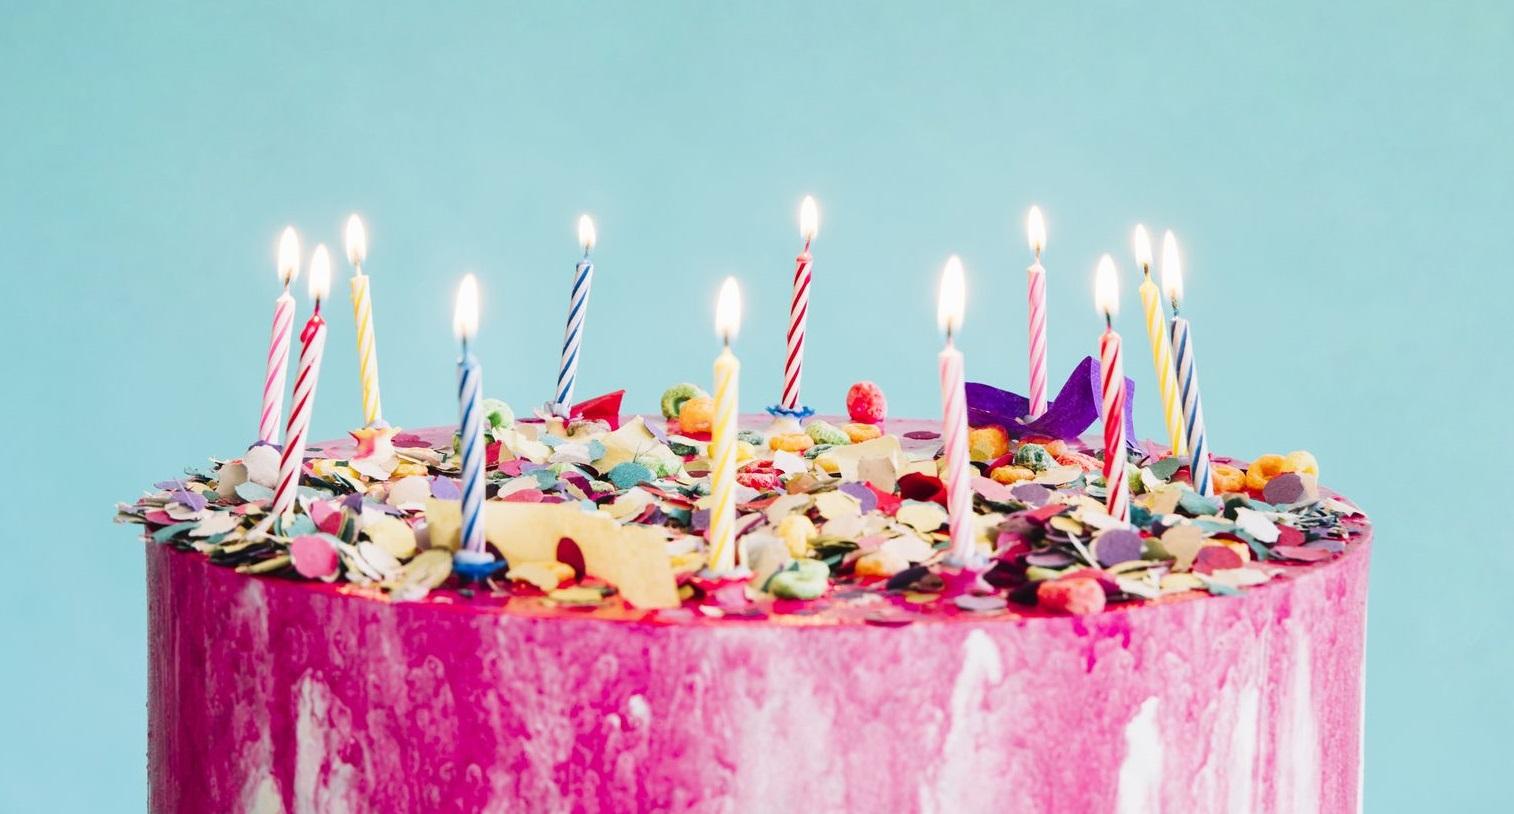 Praznujte z nami – slavimo 40 let!